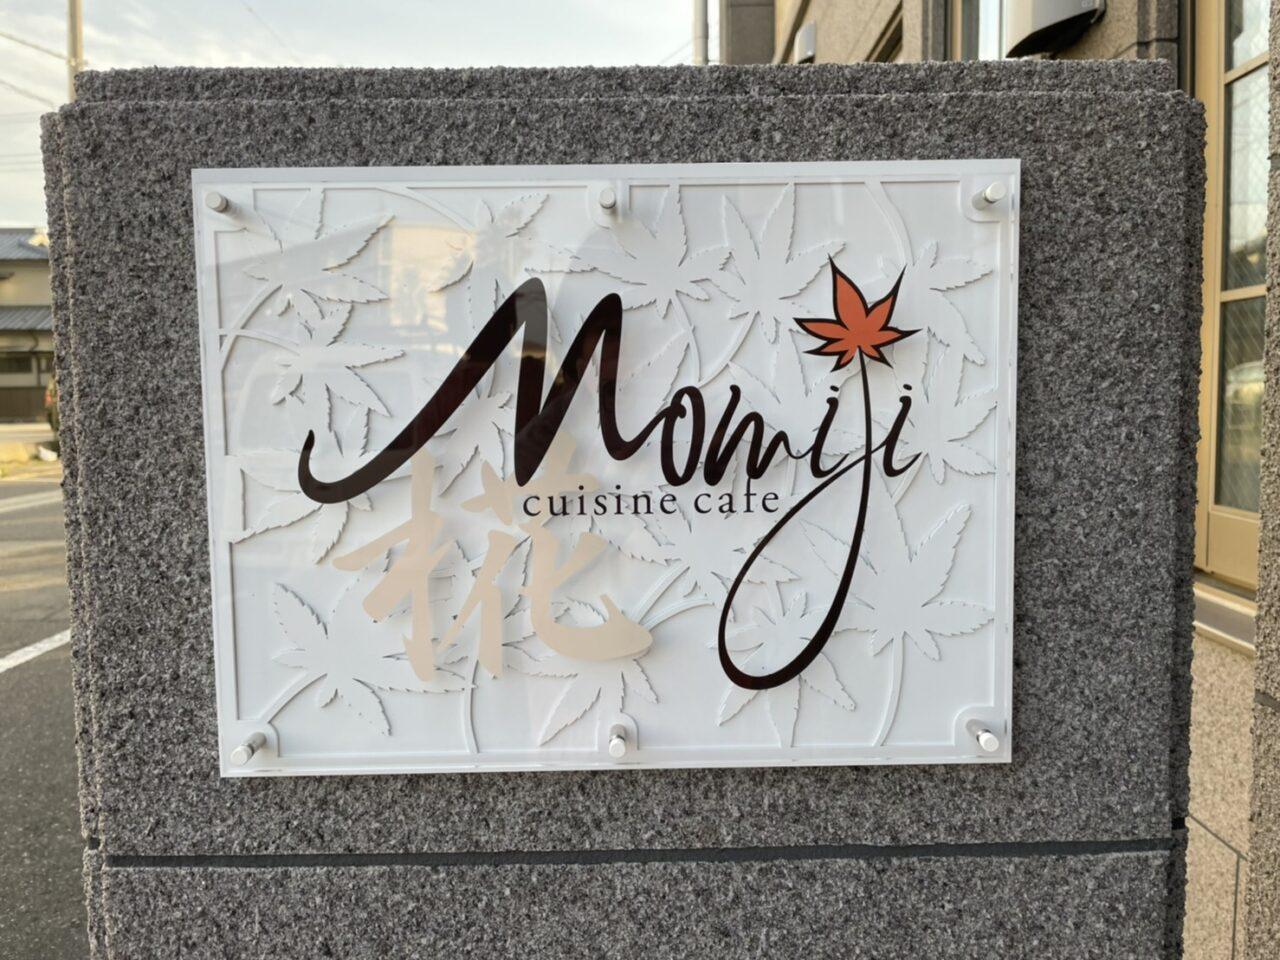 cuisine cafe 椛 ~Momiji~様